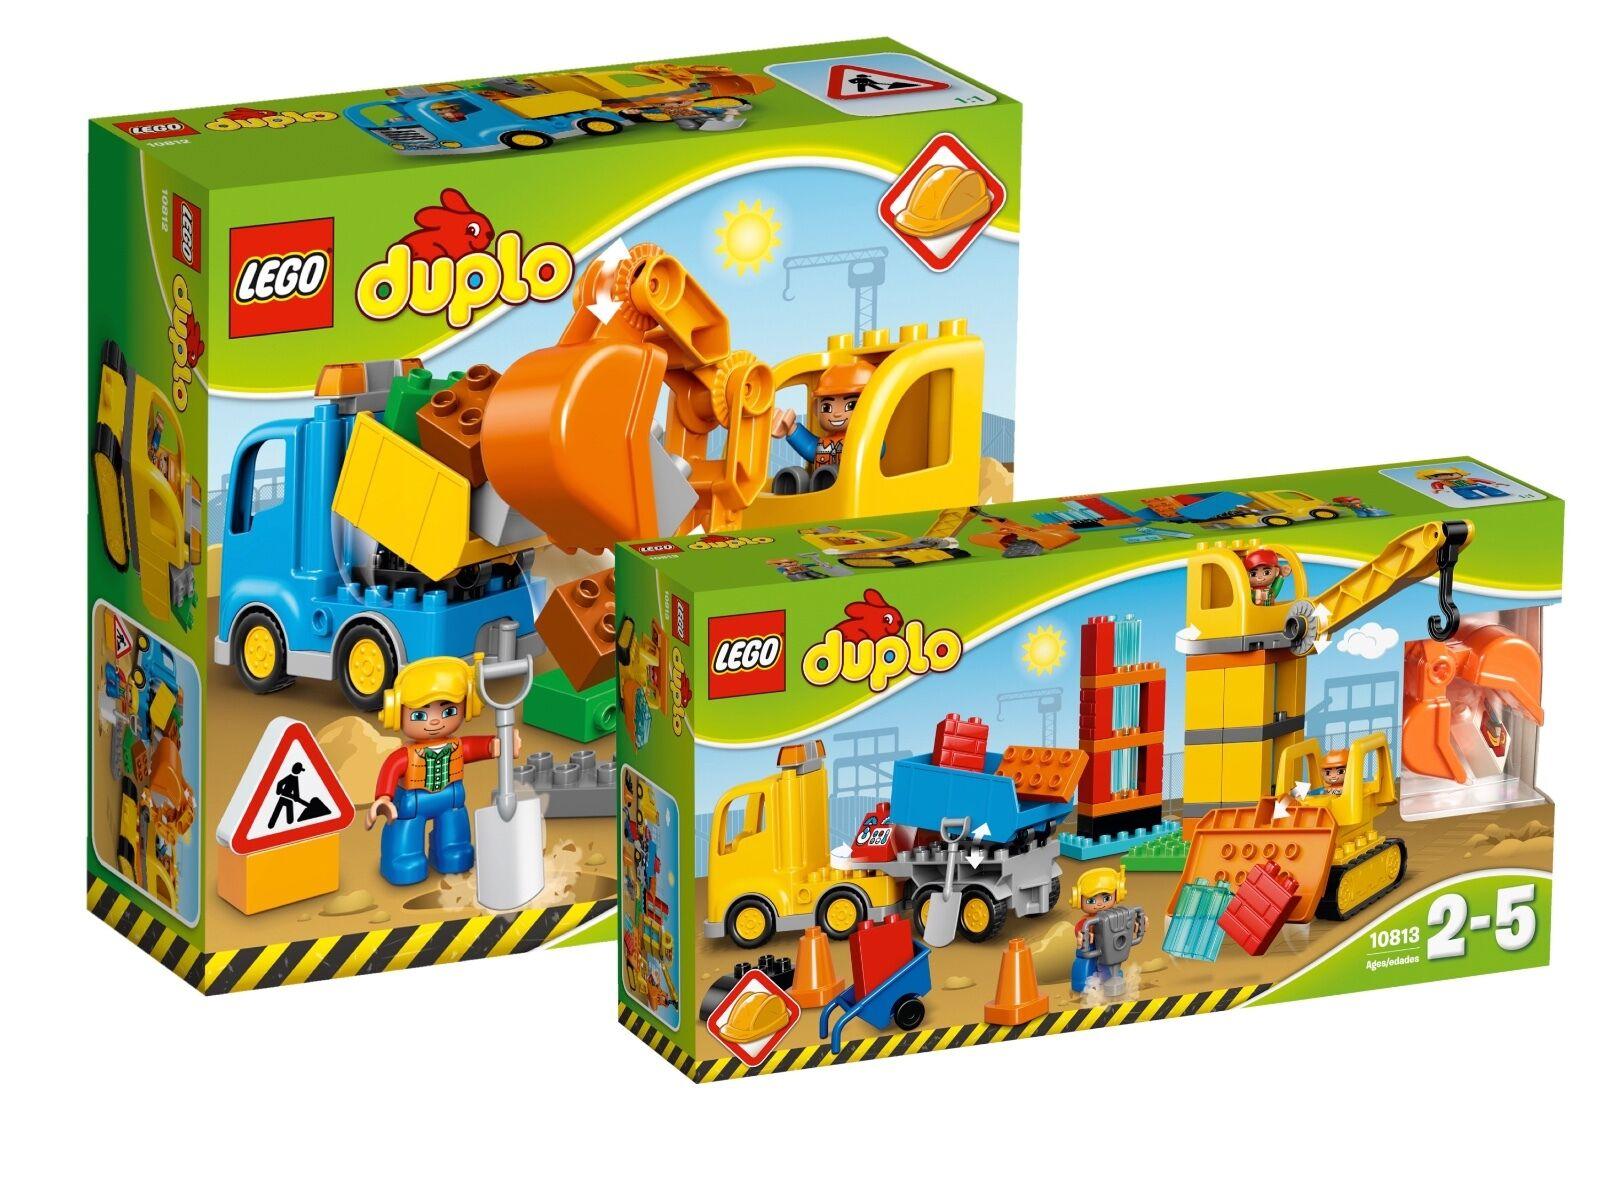 Lego ® duplo ® doble pack 10812+10813 excavadoras & camiones + gran obra nuevo embalaje original